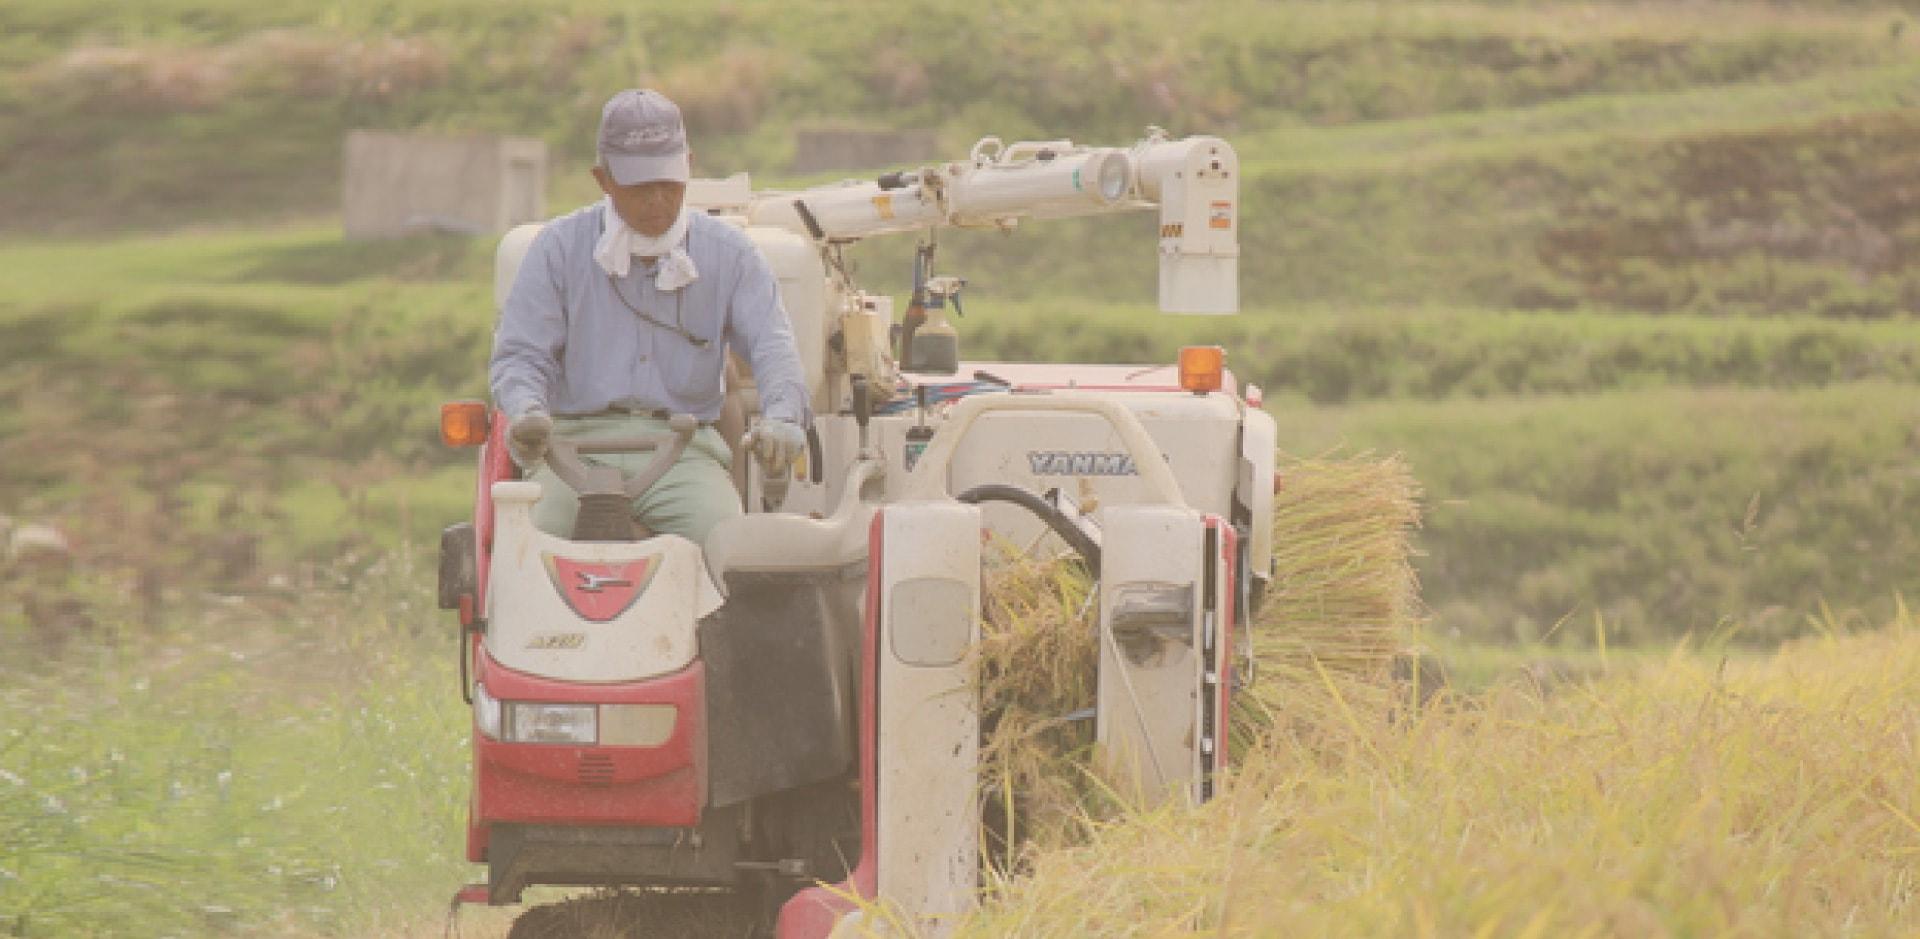 農家のおじいさんがお米を収穫しているシーン